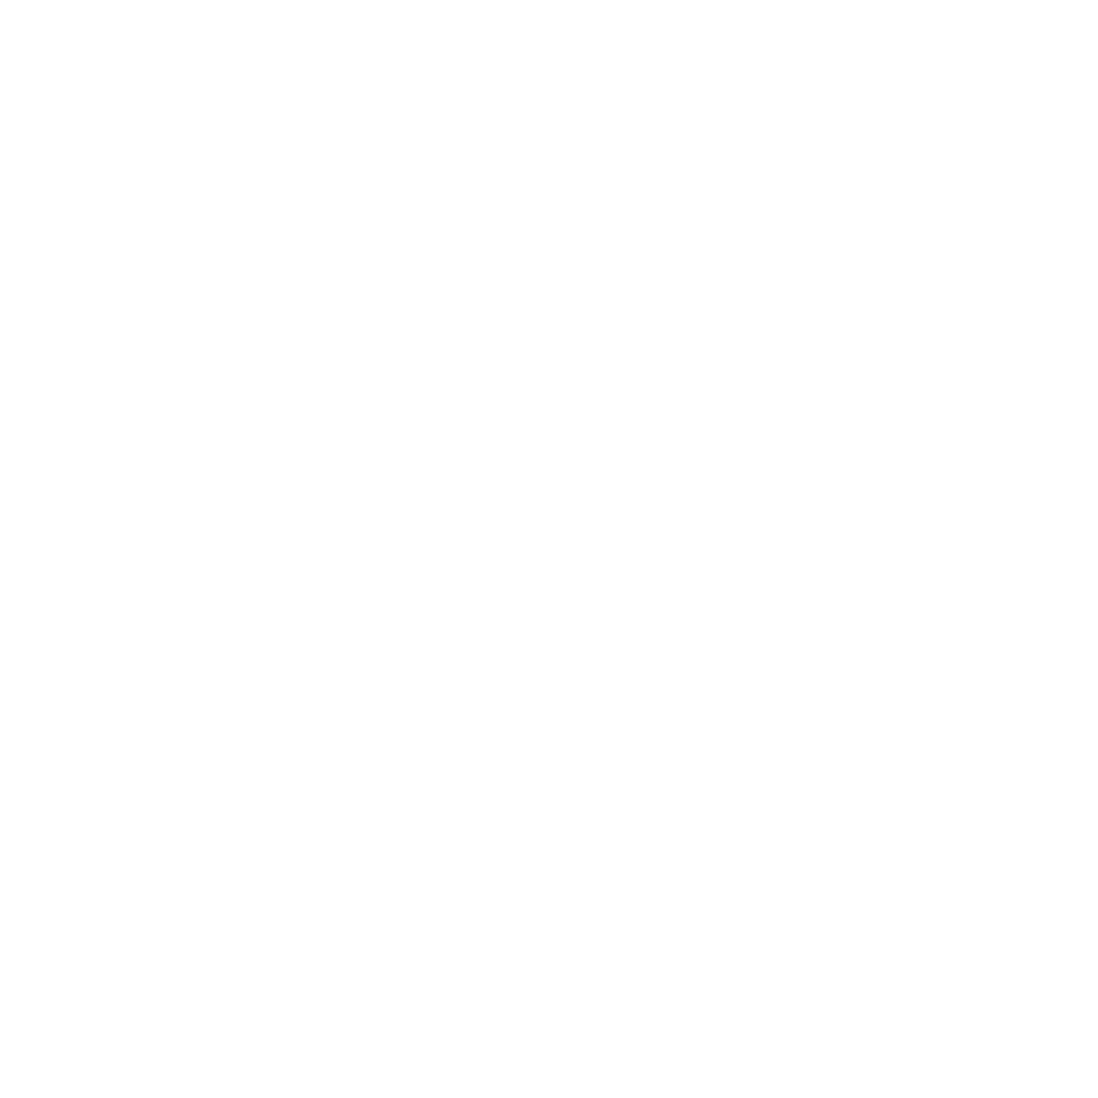 White Project Unicorn Logo on Black Background